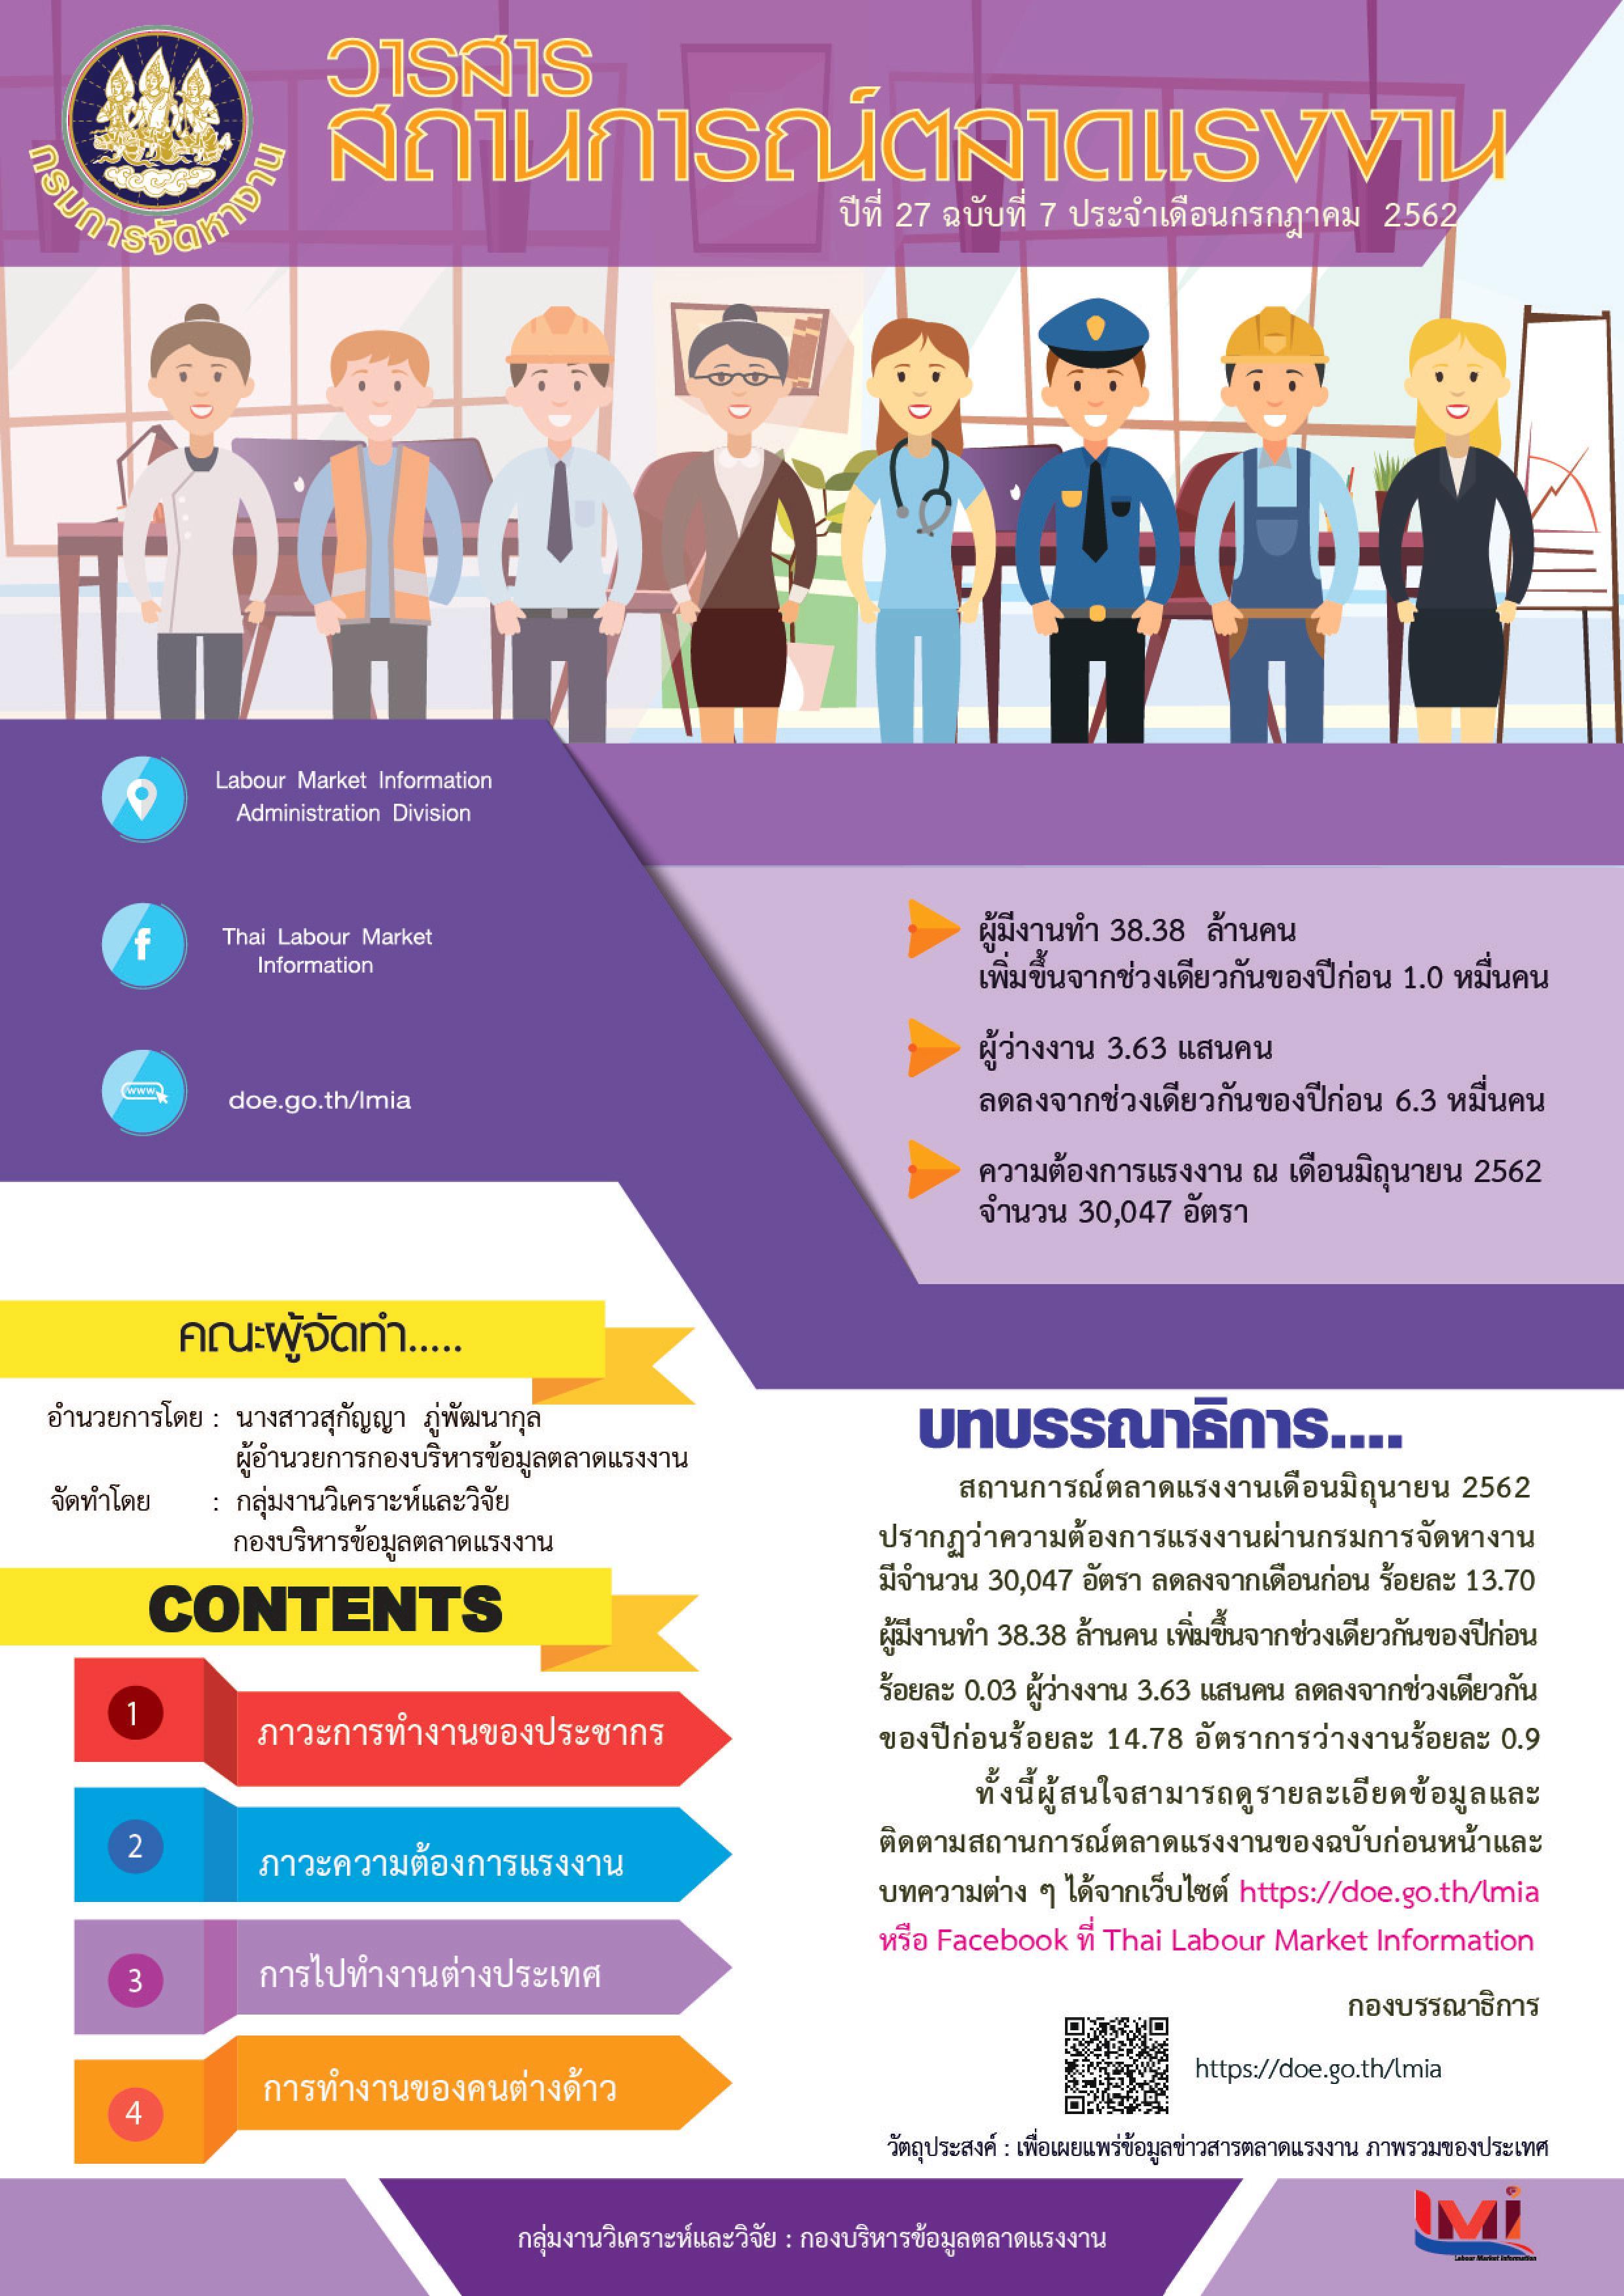 วารสารสถานการณ์ตลาดแรงงานประจำเดือนกรกฎาคม 2562